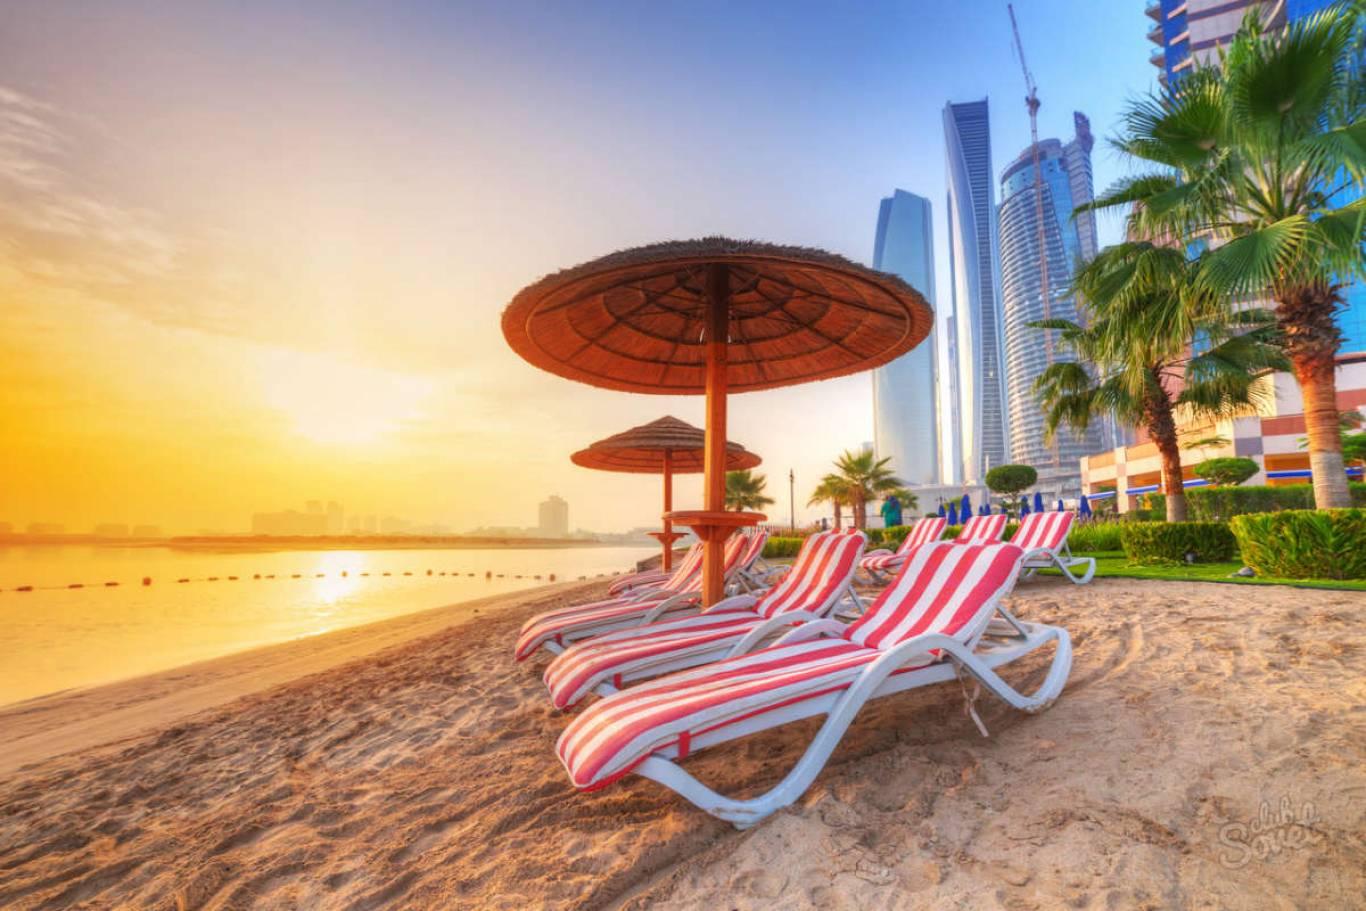 Открытый мир - ОАЭ (Объединенные Арабские Эмираты)